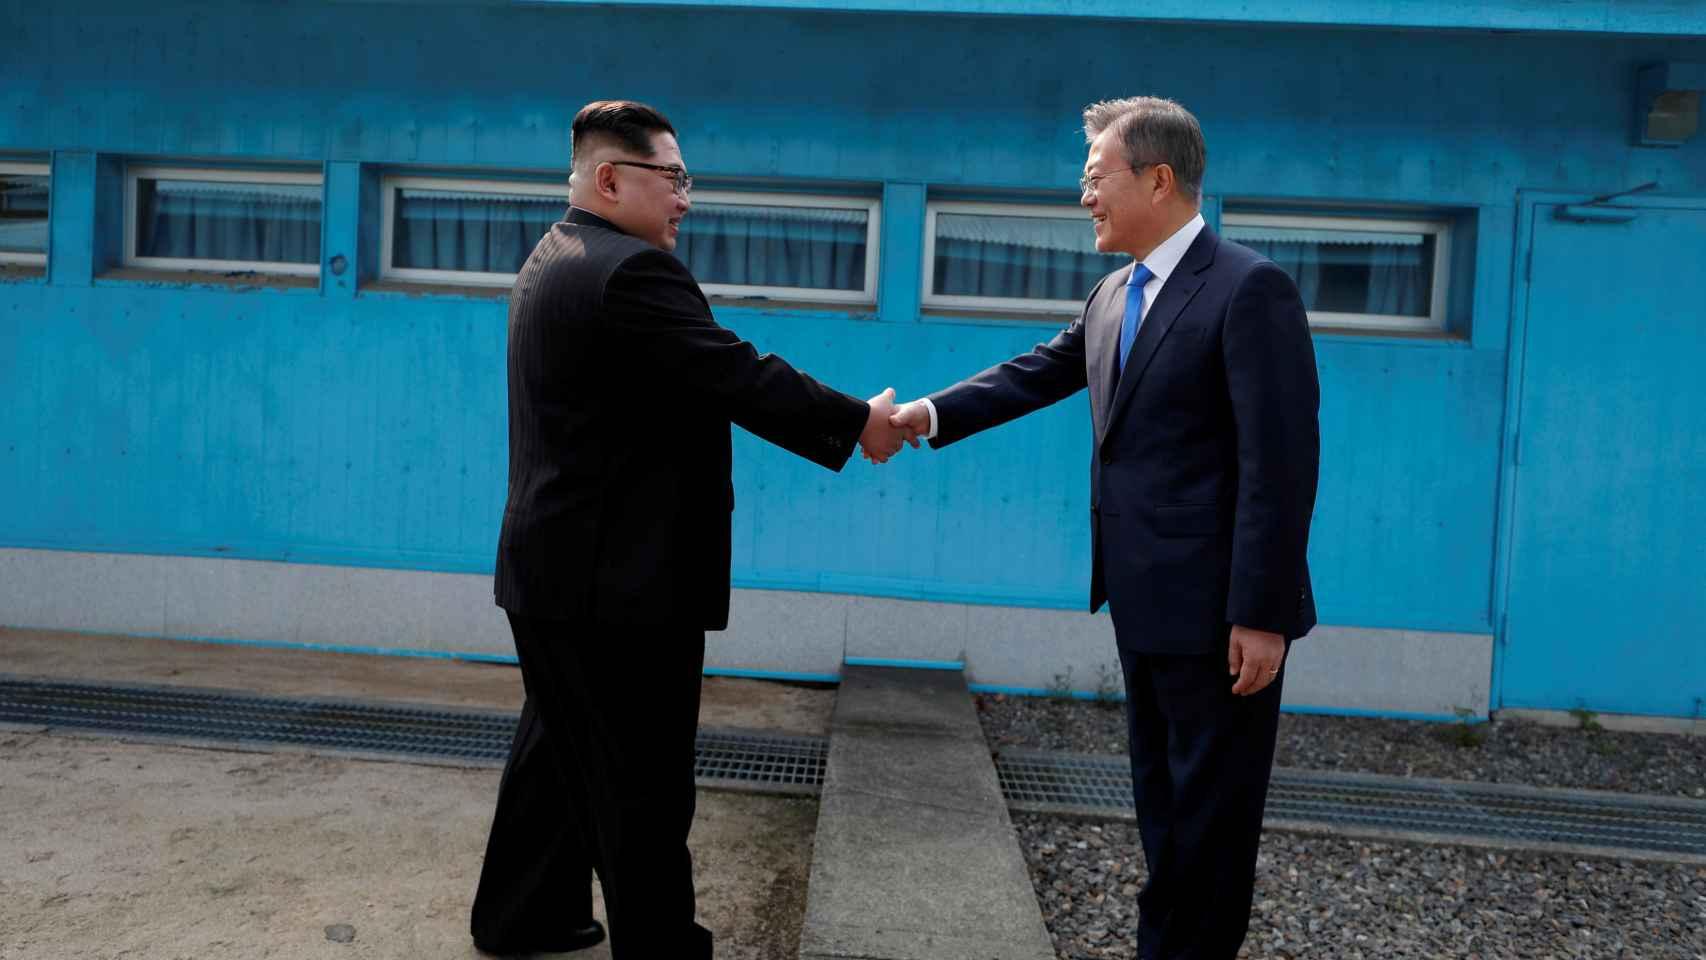 El encuentro histórico entre las dos Coreas, en imágenes